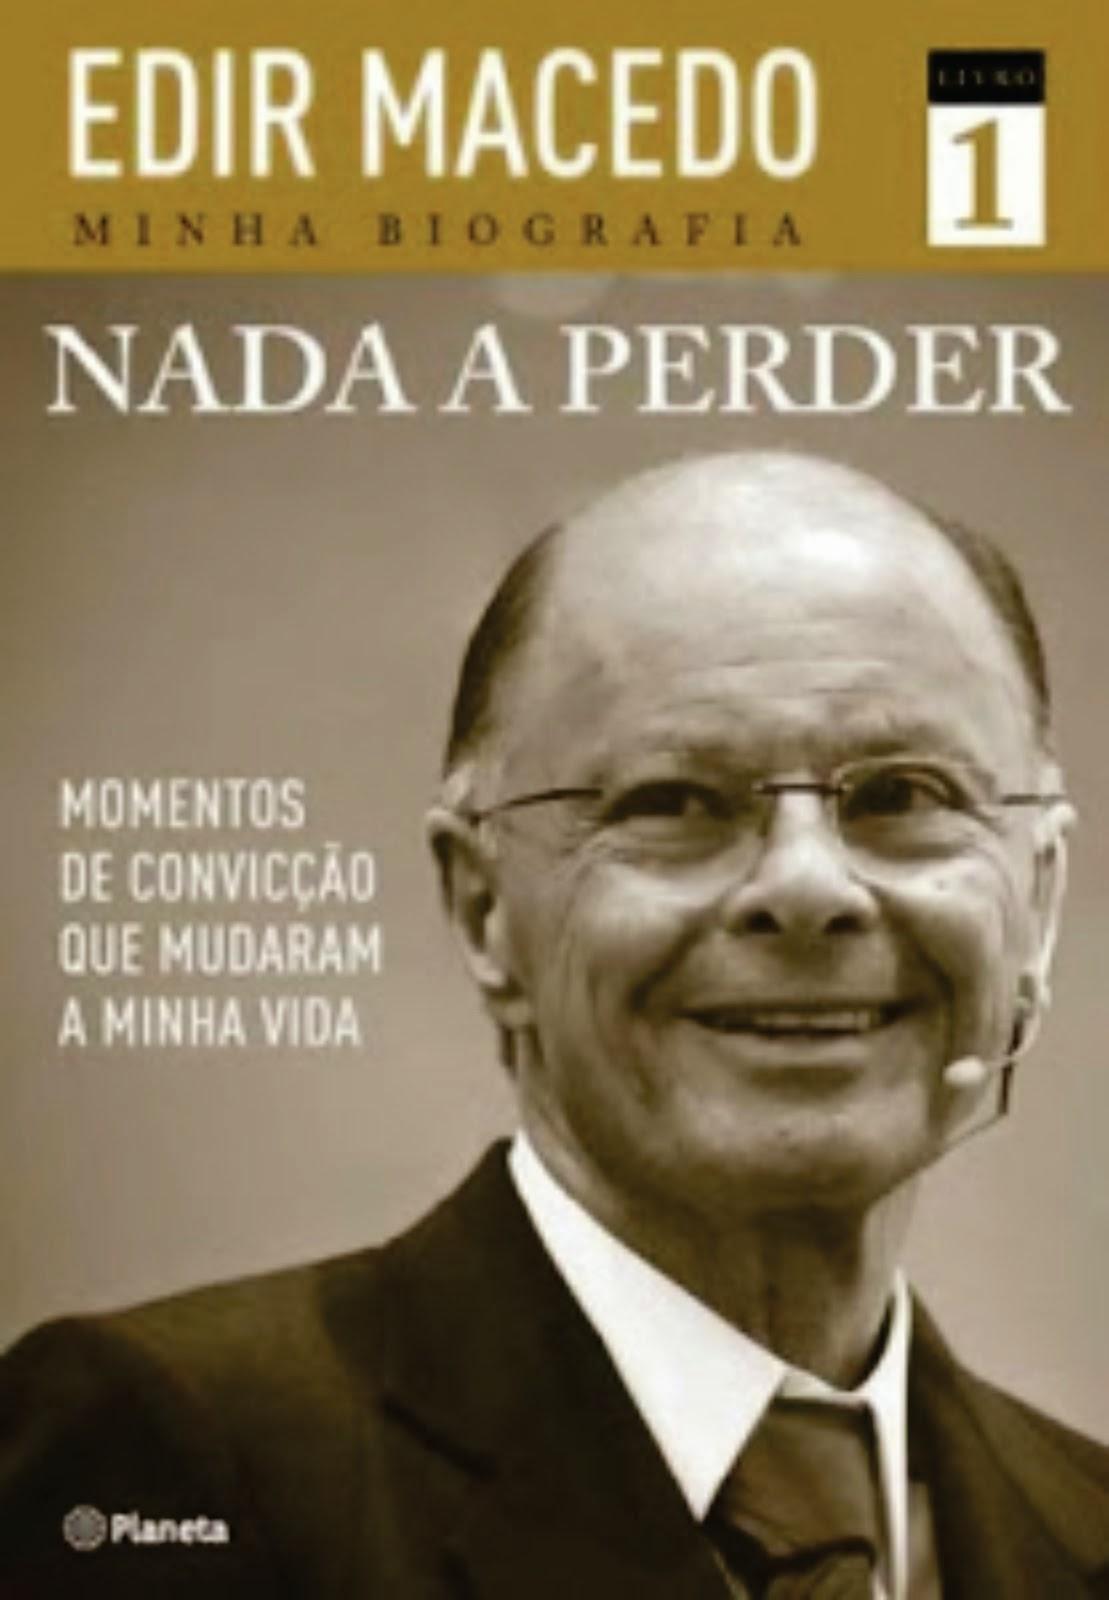 LIVRO NADA A PERDER - COMPRE O SEU